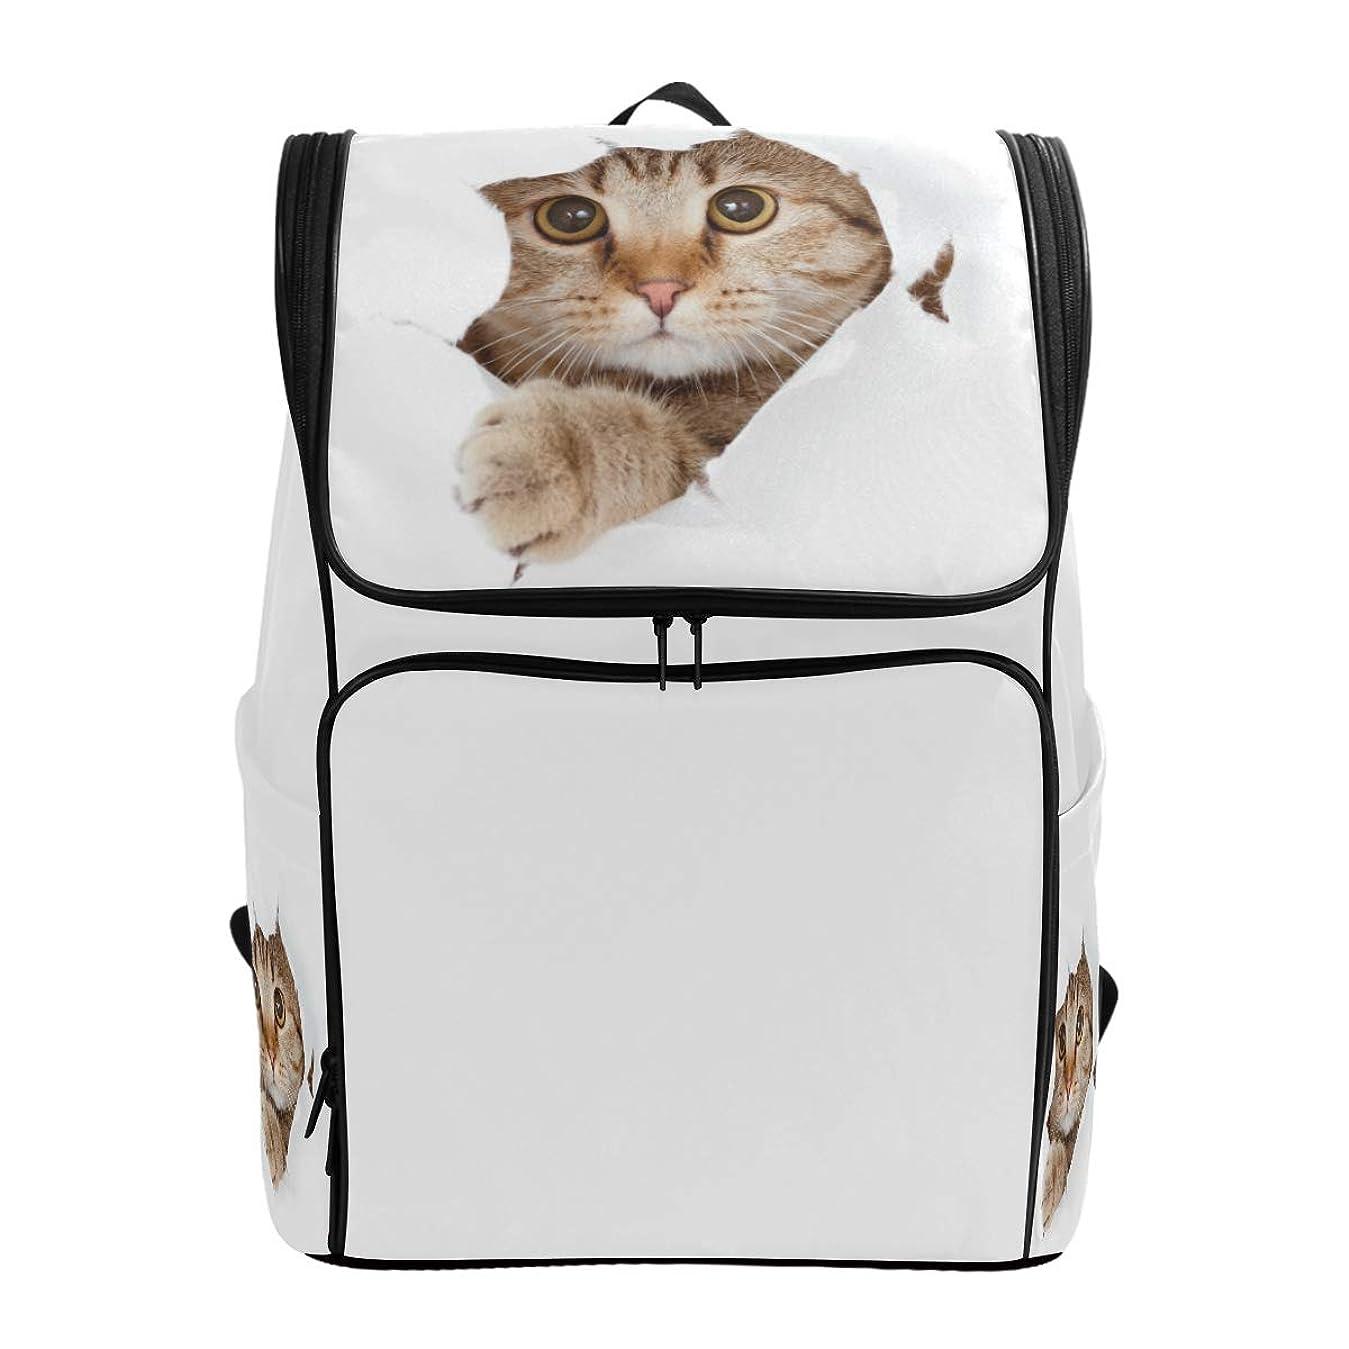 エンターテインメント後ろ、背後、背面(部評議会マキク(MAKIKU) リュックサック 大容量 かわいい 猫 望でいる 猫柄 リュック 軽量 メンズ 登山 通学 通勤 旅行 プレゼント対応